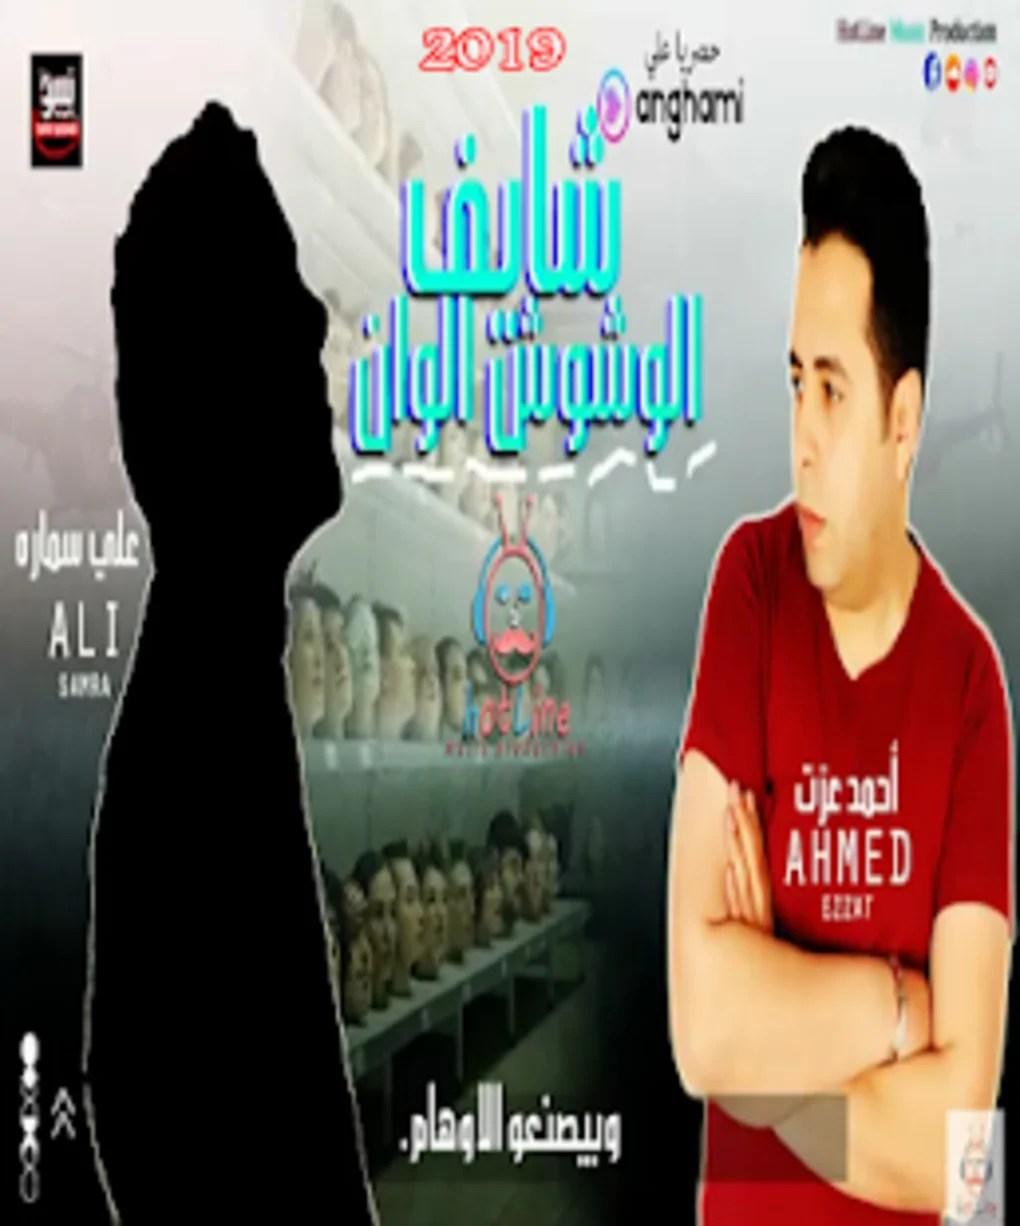 مهرجان عايم فى بحر الغدر احمد عزت و على سمارة2019 لنظام Android